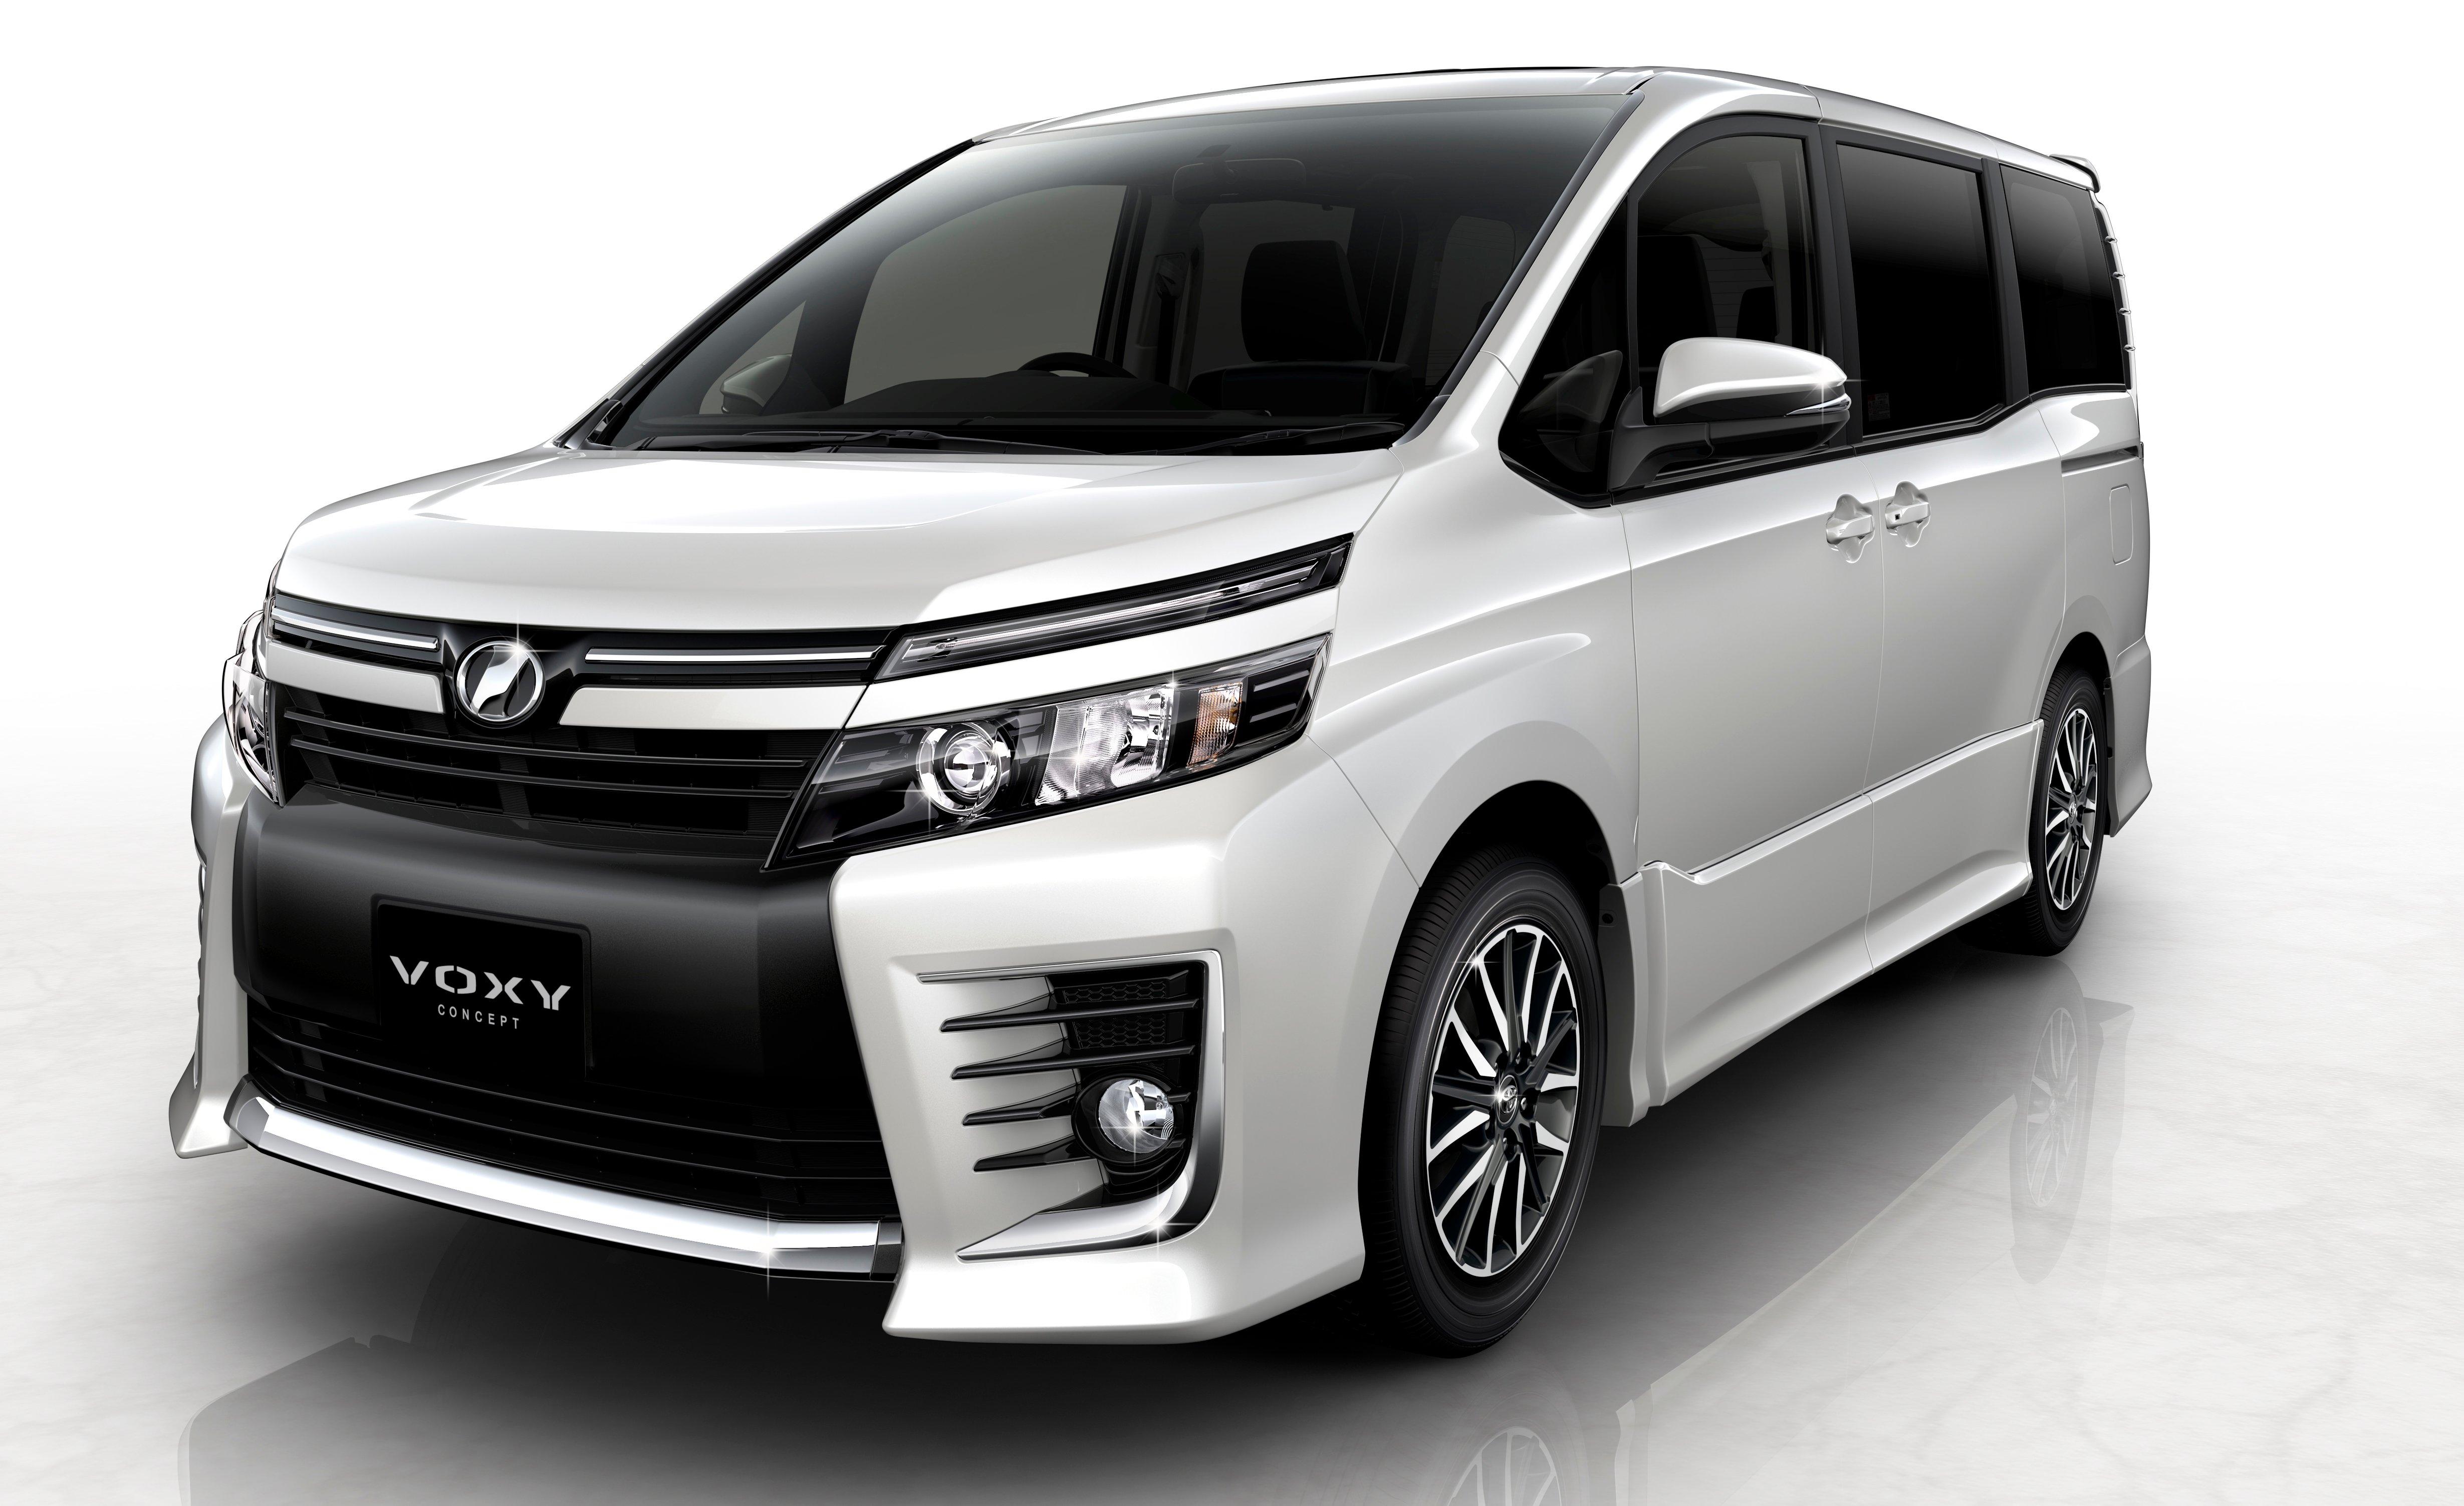 Toyota Voxy 2017 Price >> Toyota Noah